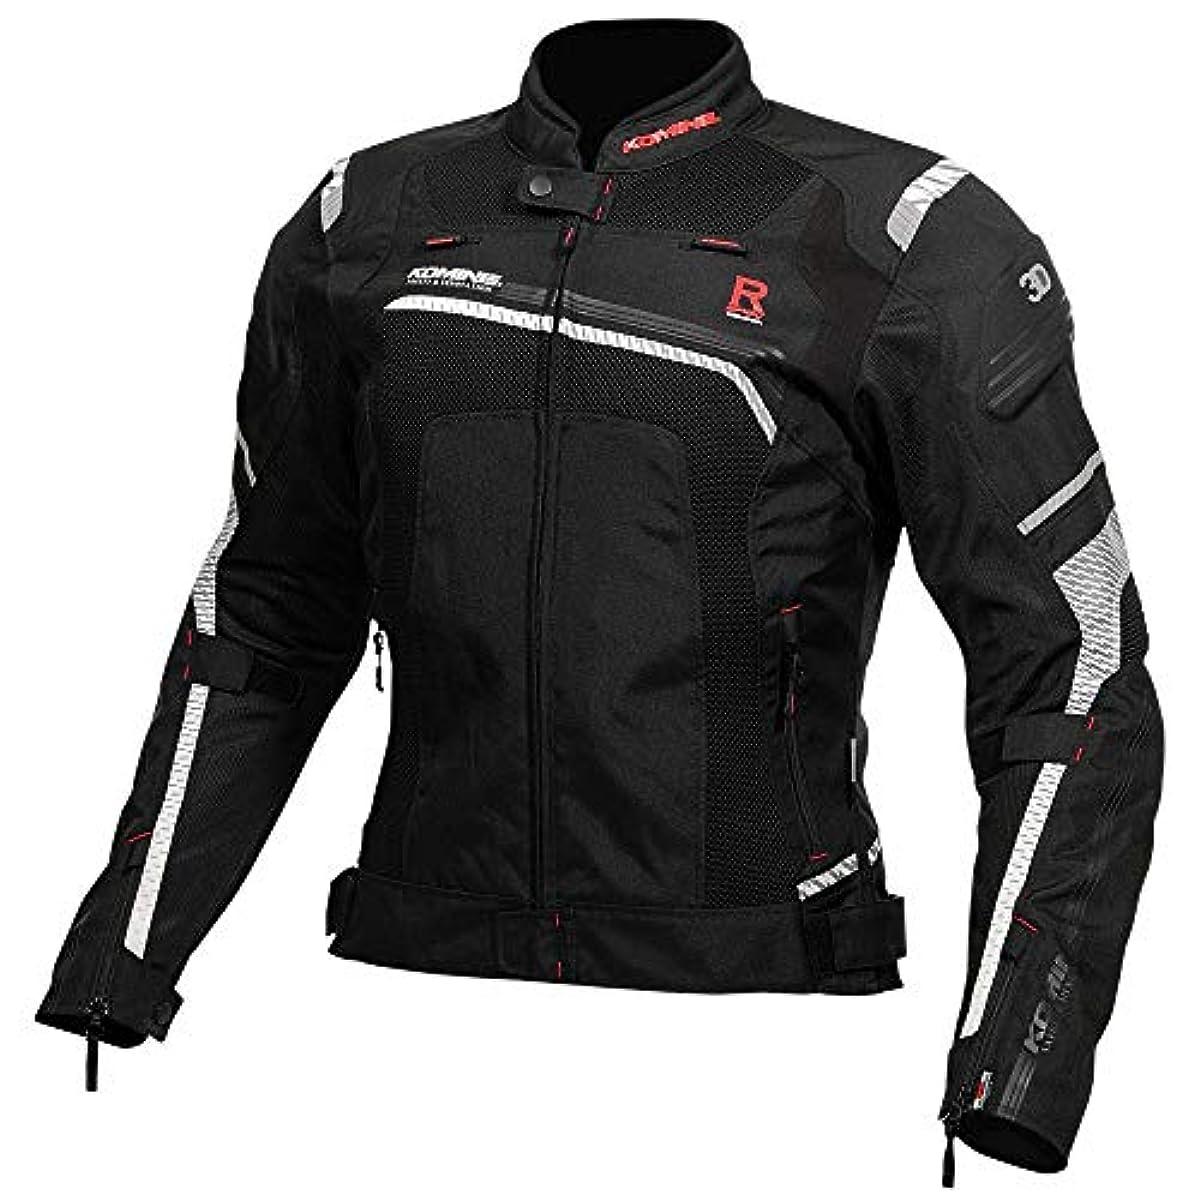 [해외] 코미네 KOMINE 오토바이 R스펙 메쉬 재킷 아우터 프로텍터 통기성 레이싱 BLACK XLJK-130 07-130